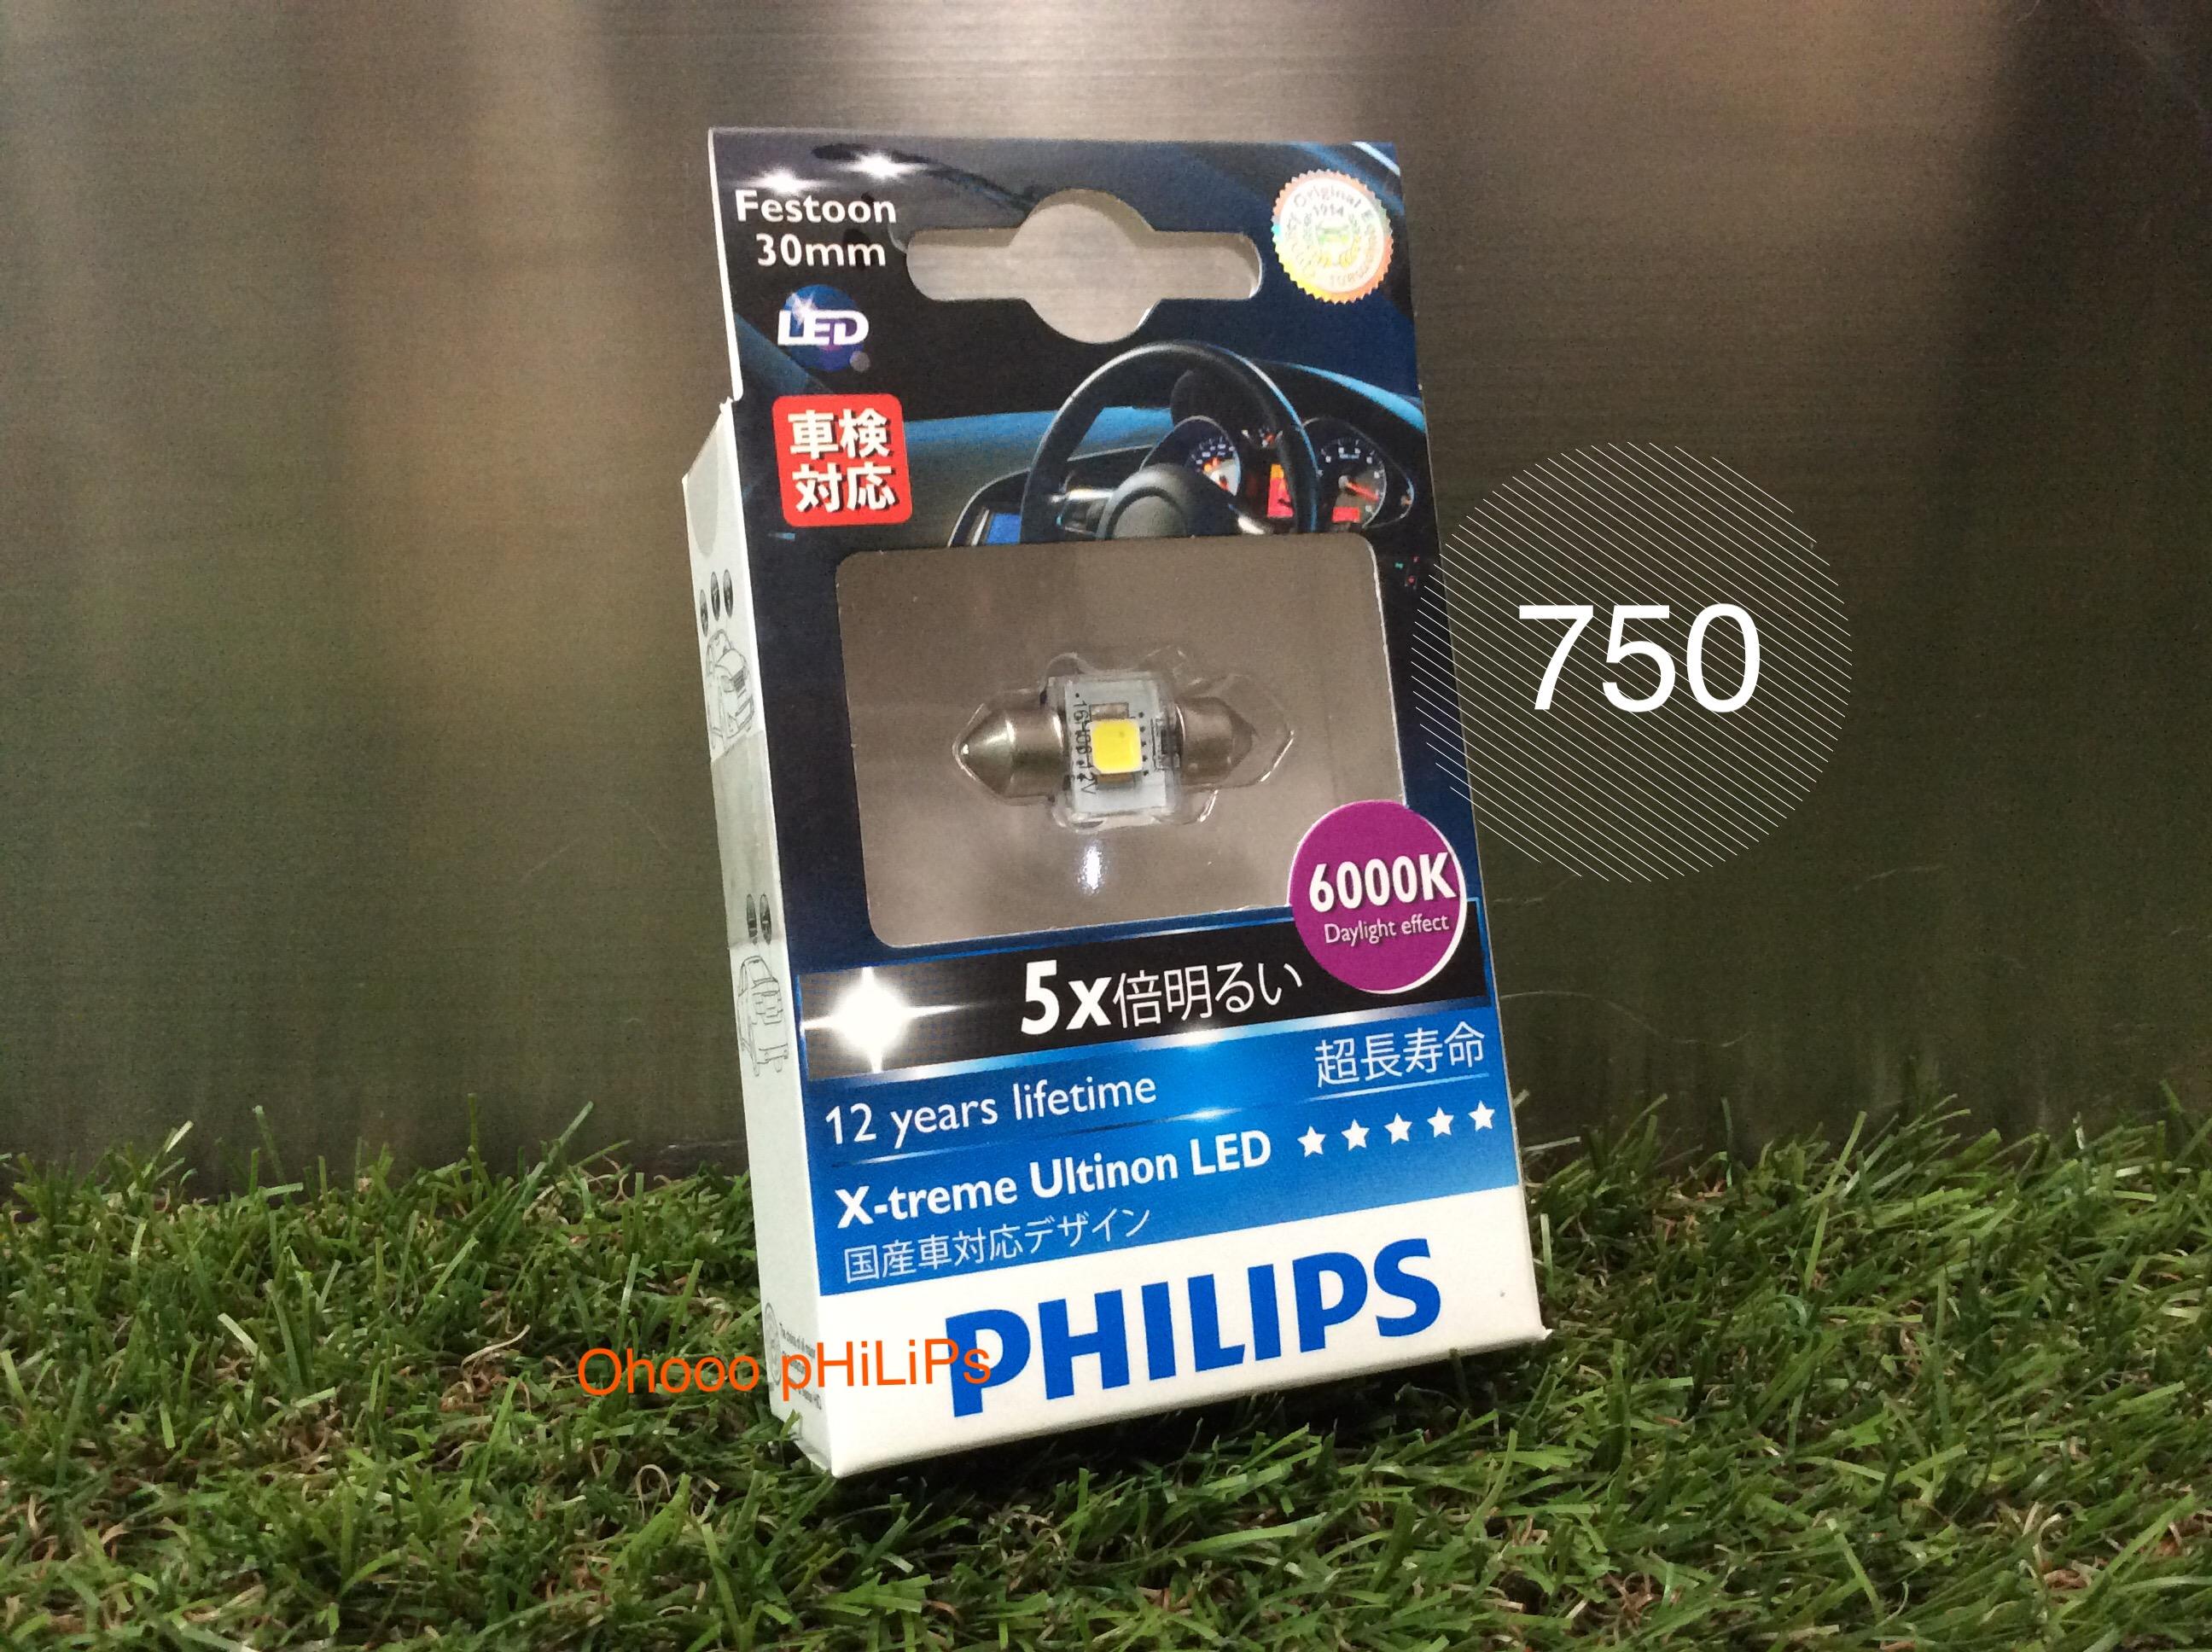 Philips LED Festoon 30mm 6000K